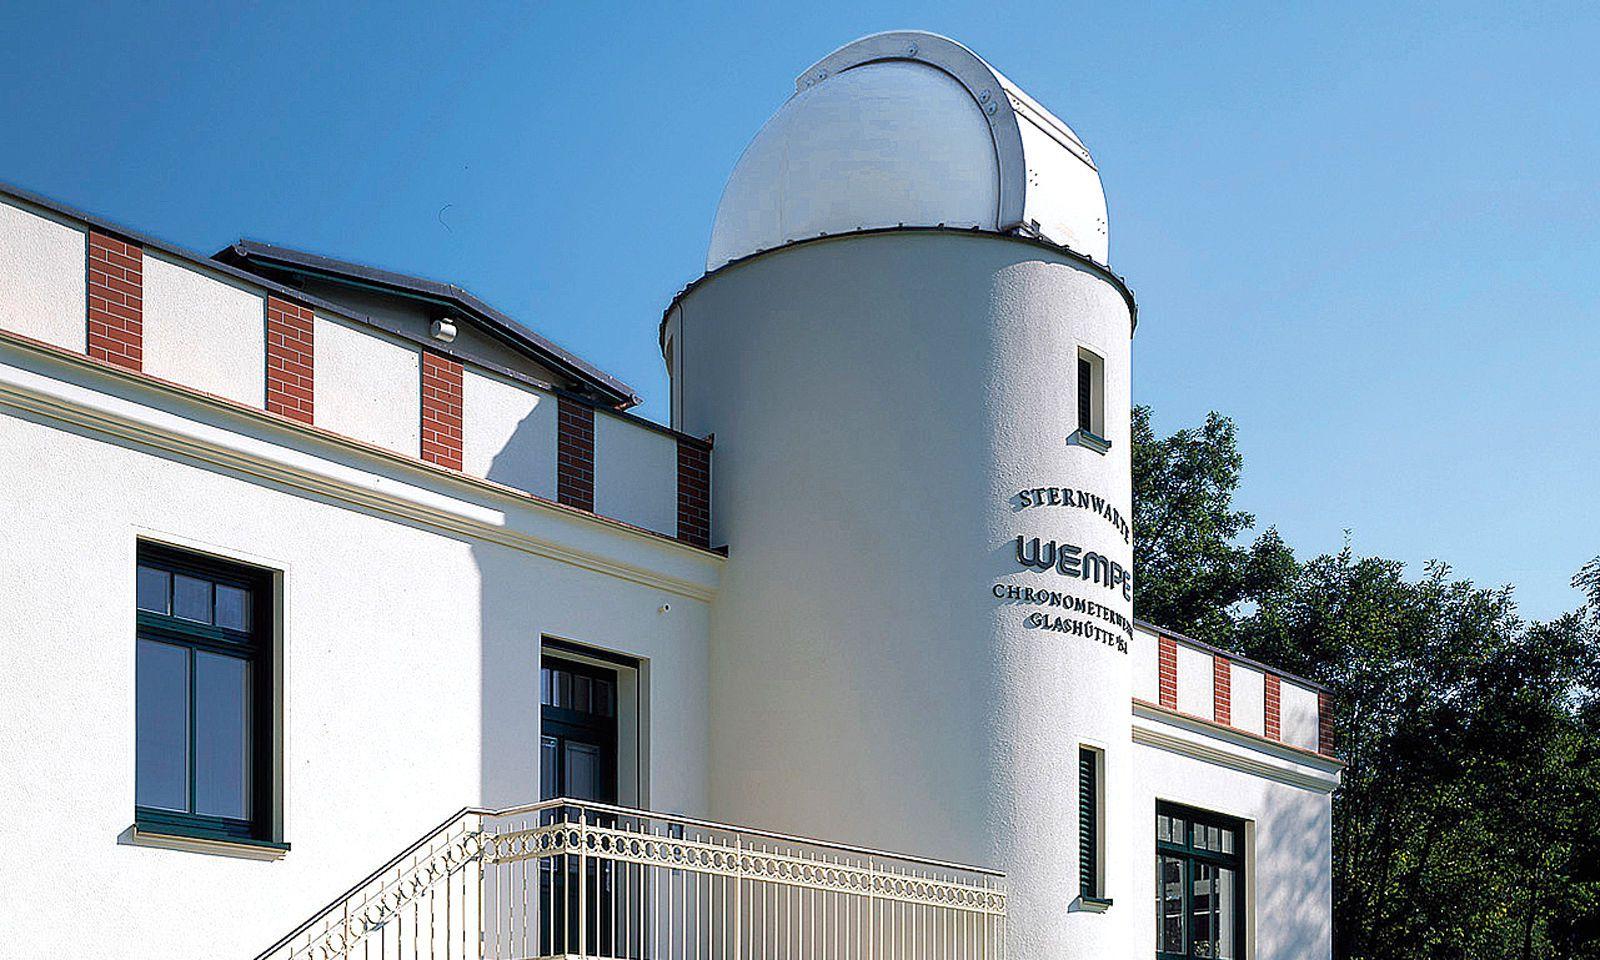 Sternwarte Wempe. Juwelier Wempe hat in den 2000er-Jahren die Glashütter Sternwarte renoviert. Heute werden dort einerseits Wempe-Uhren gebaut, andererseits Uhren von Dritten als deutsche Chronometer zertifiziert.